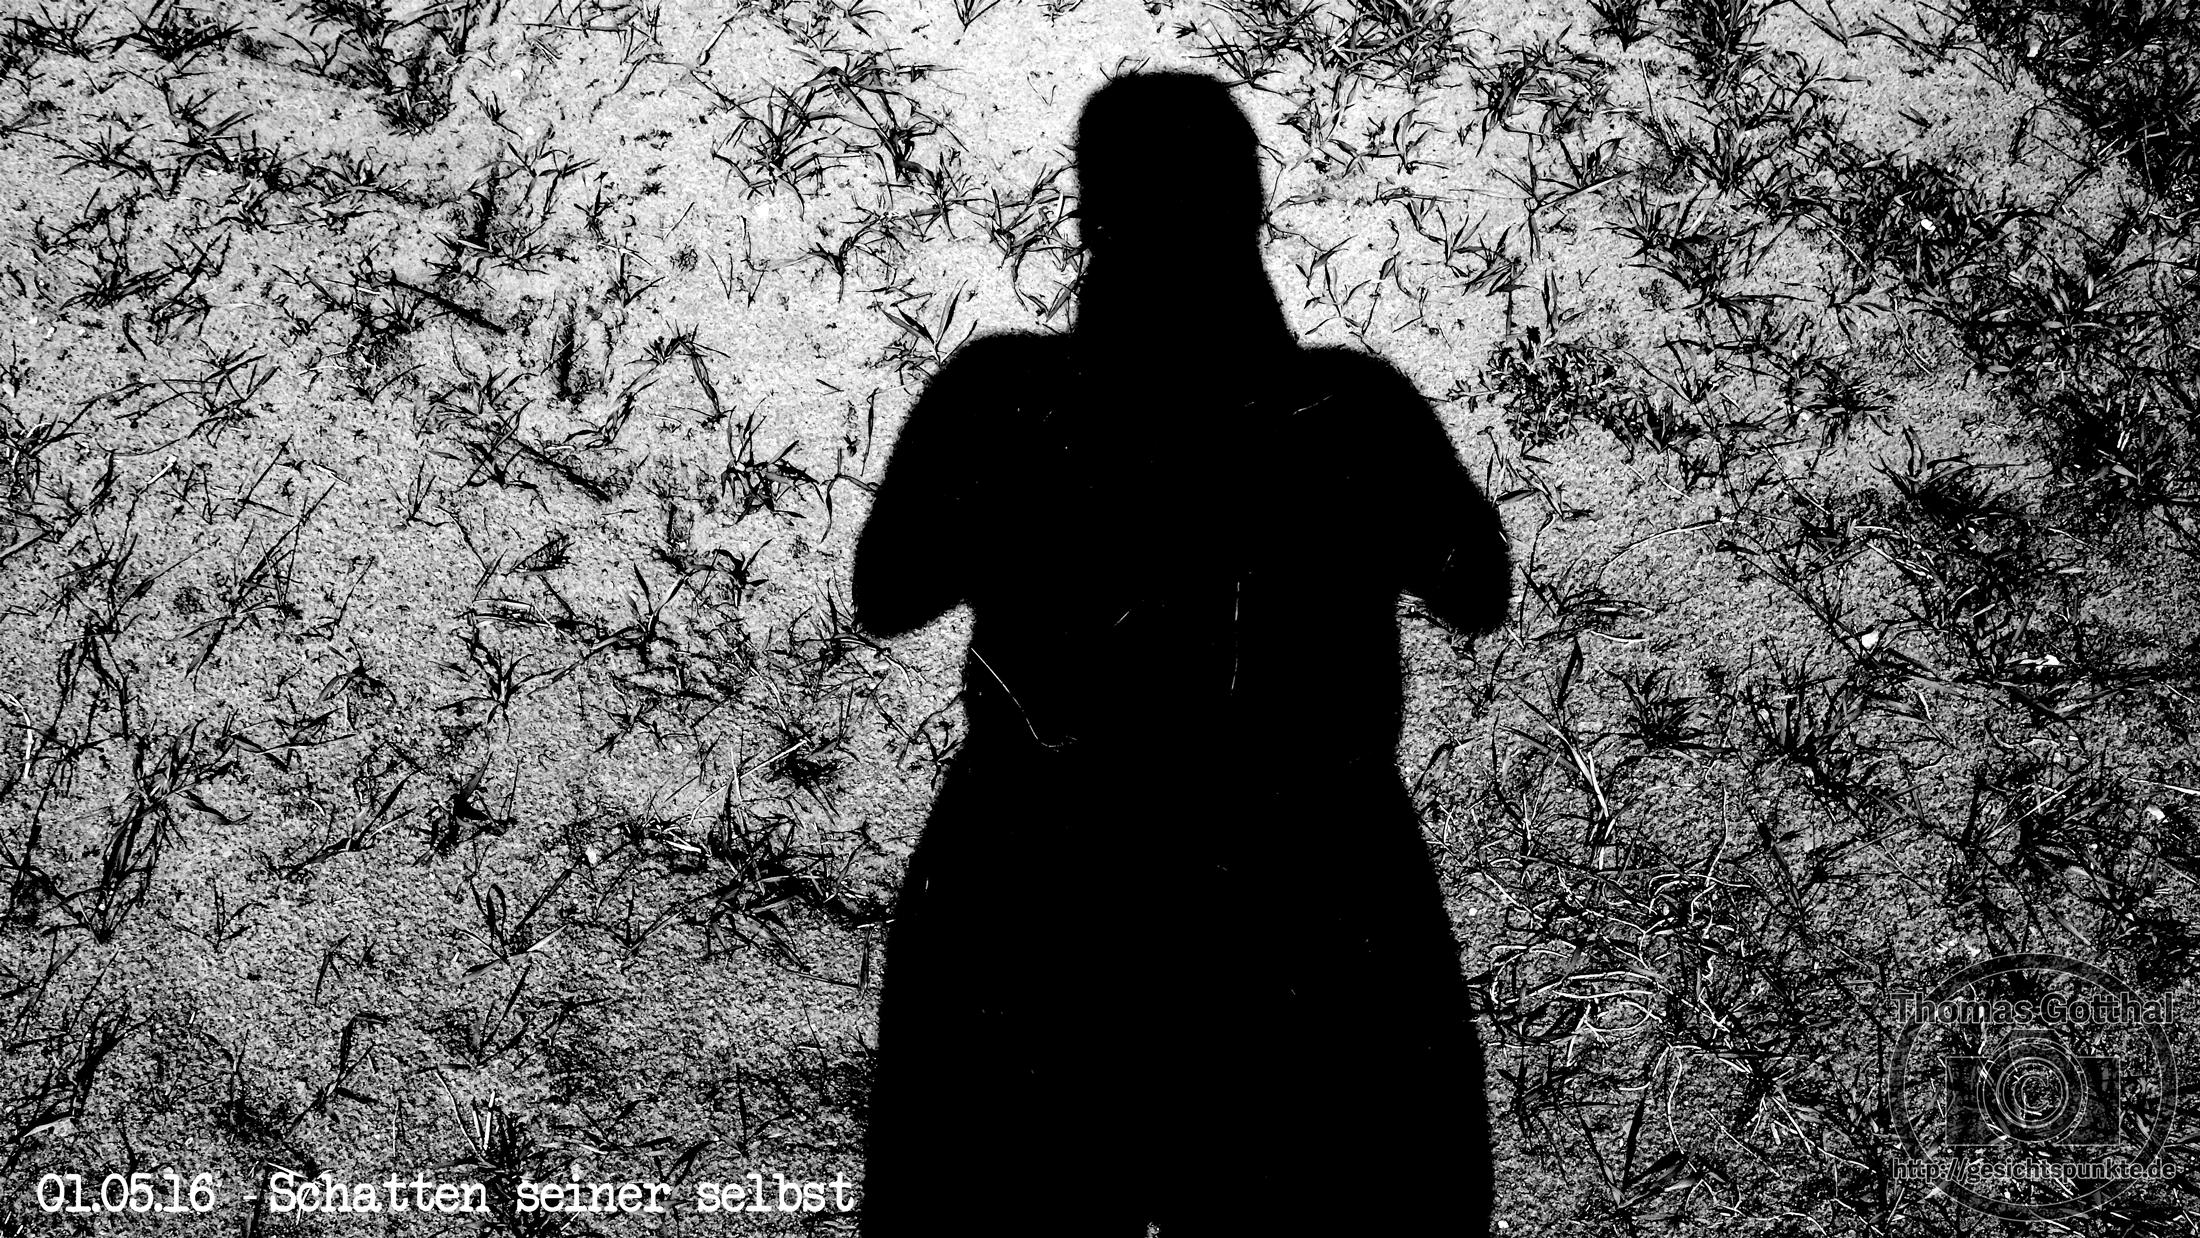 Schatten seiner selbst (DSC06030)